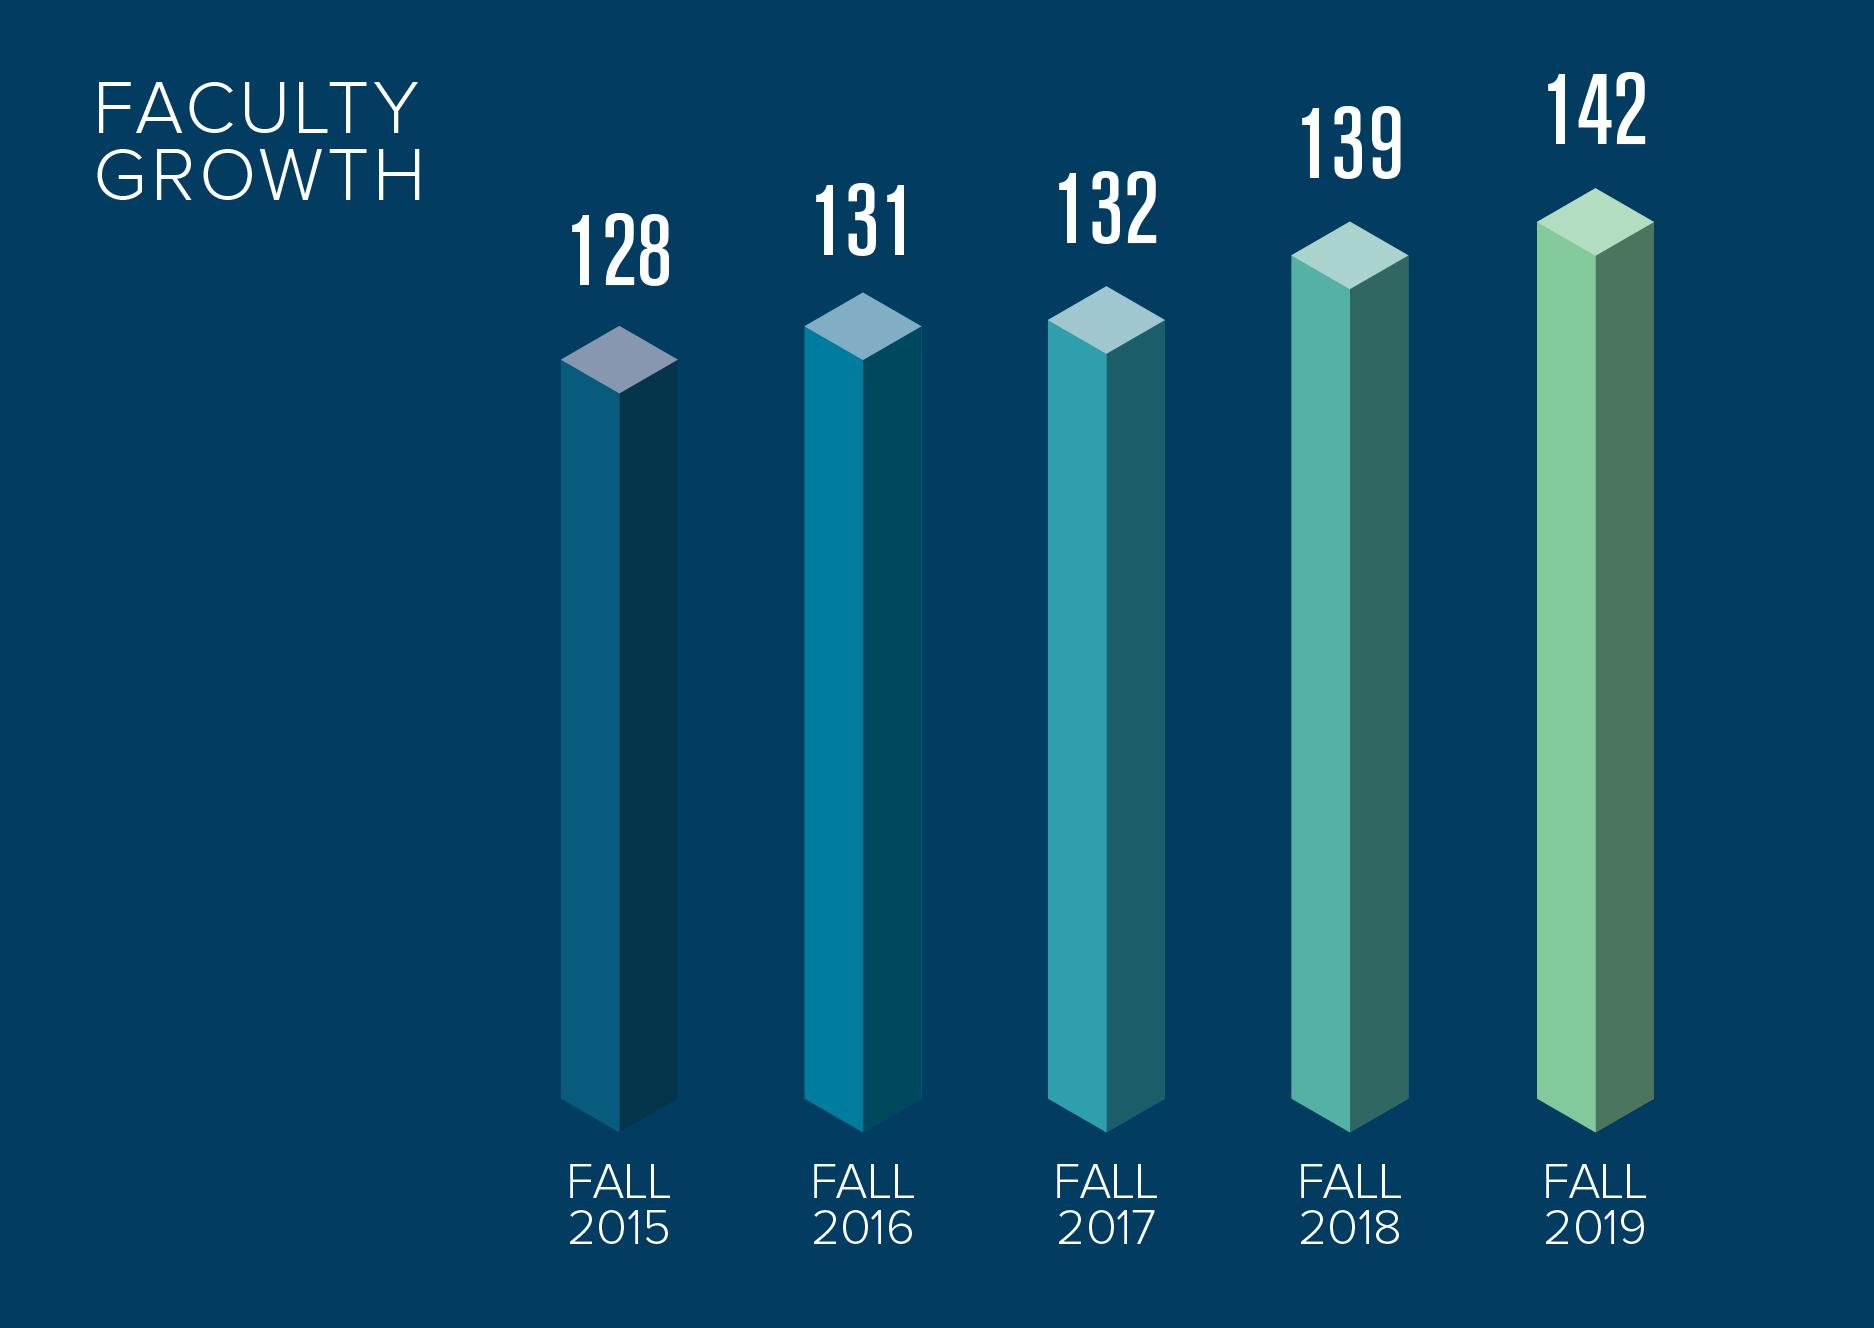 2019 Faculty Growth